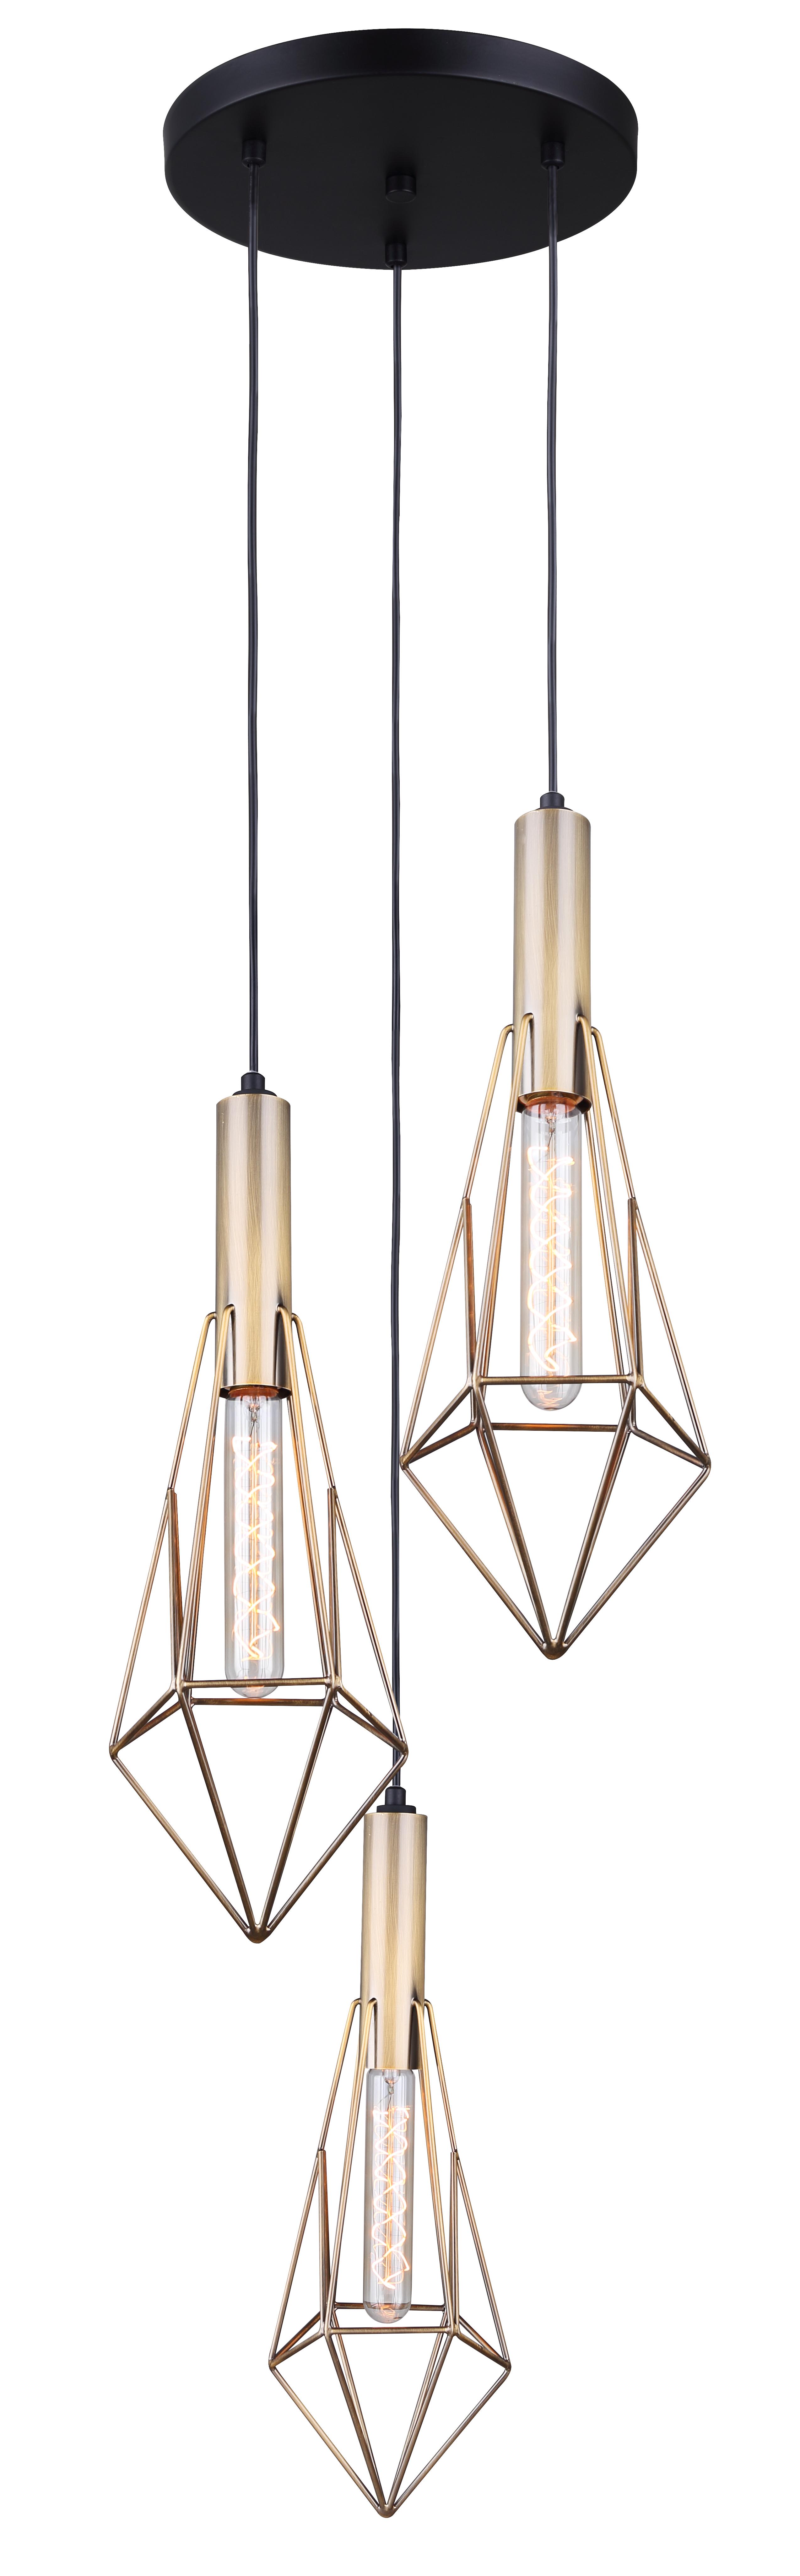 Greer Collection 3 Light Pendant In Matte Black Gold Ipl676a03bkg